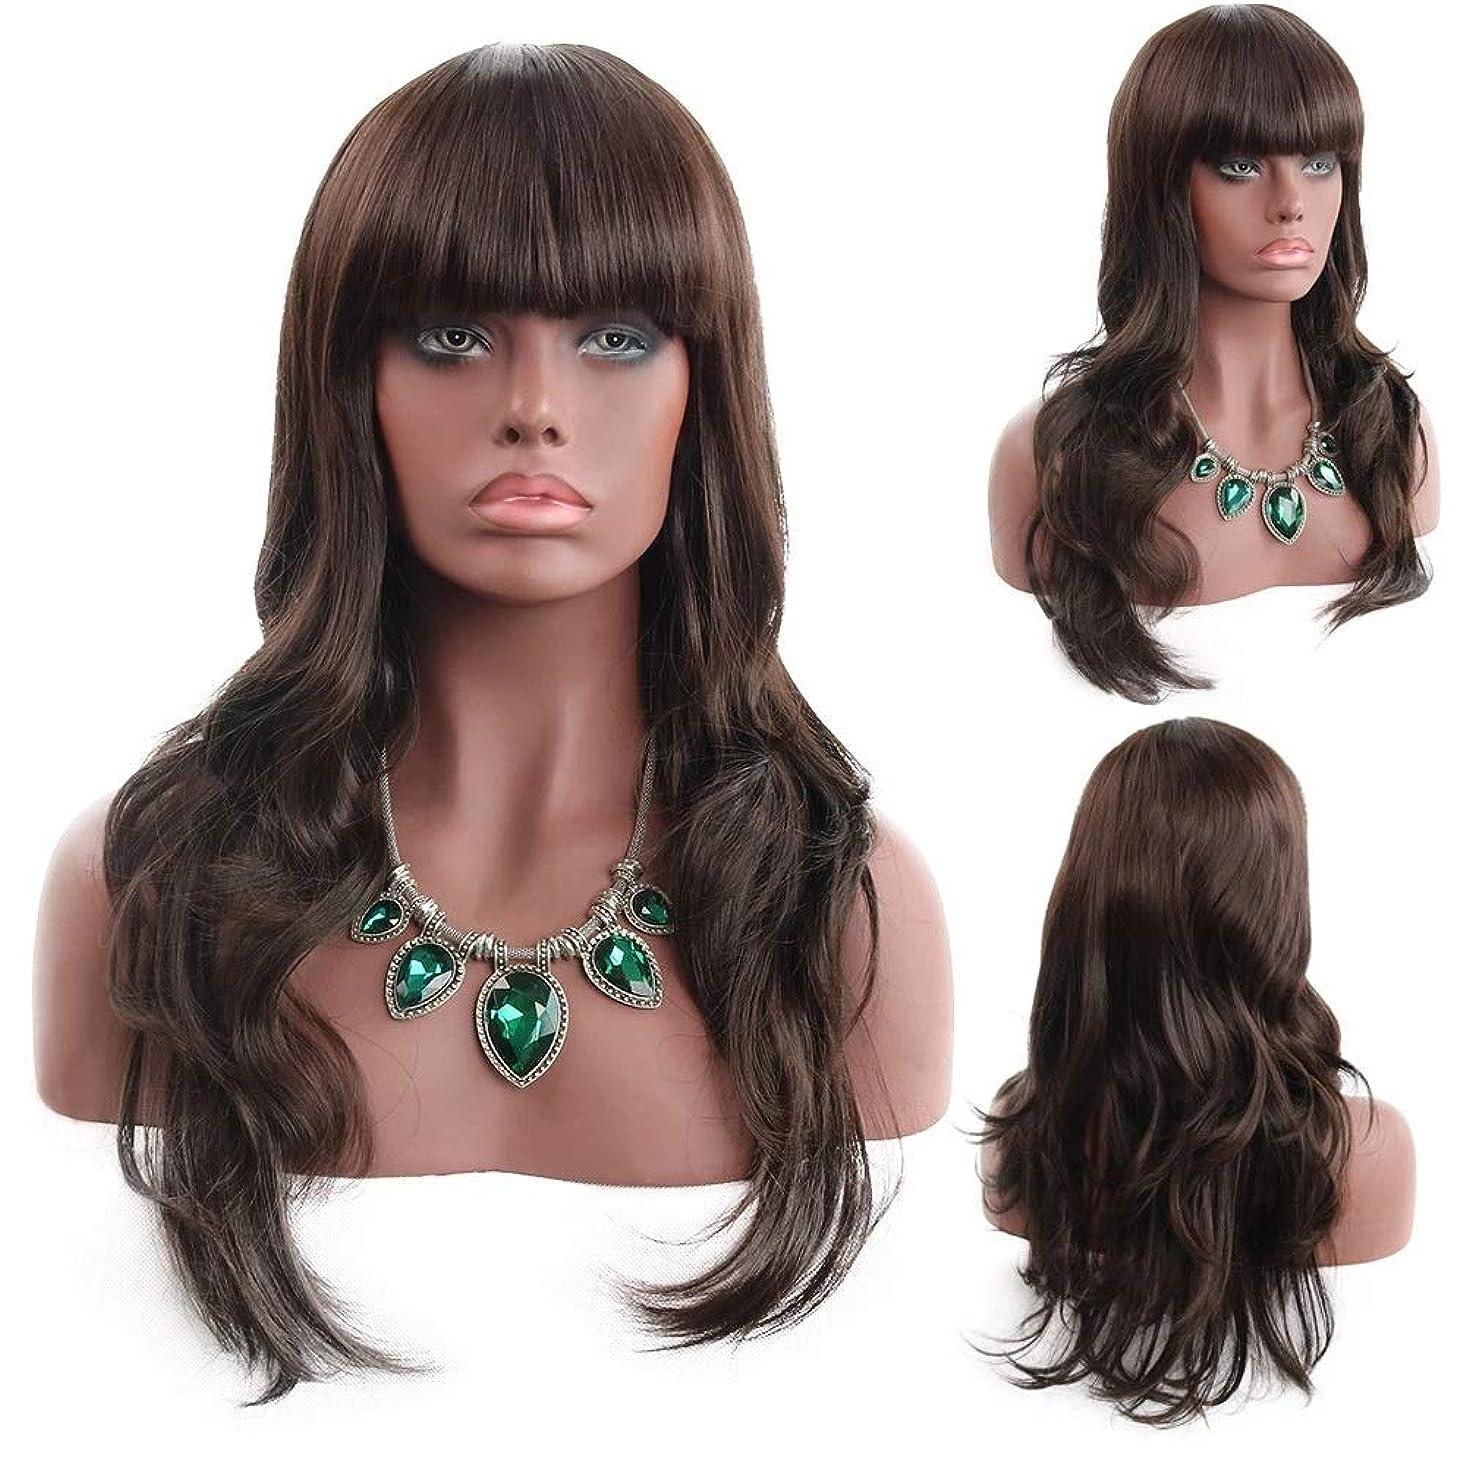 前髪付きの女性の茶色の長い巻き毛の波状の髪の毛のかつら24インチの女性と少女のための魅力的な合成の完全な髪のかつらハロウィンコスプレ衣装アニメパーティーウィッグ